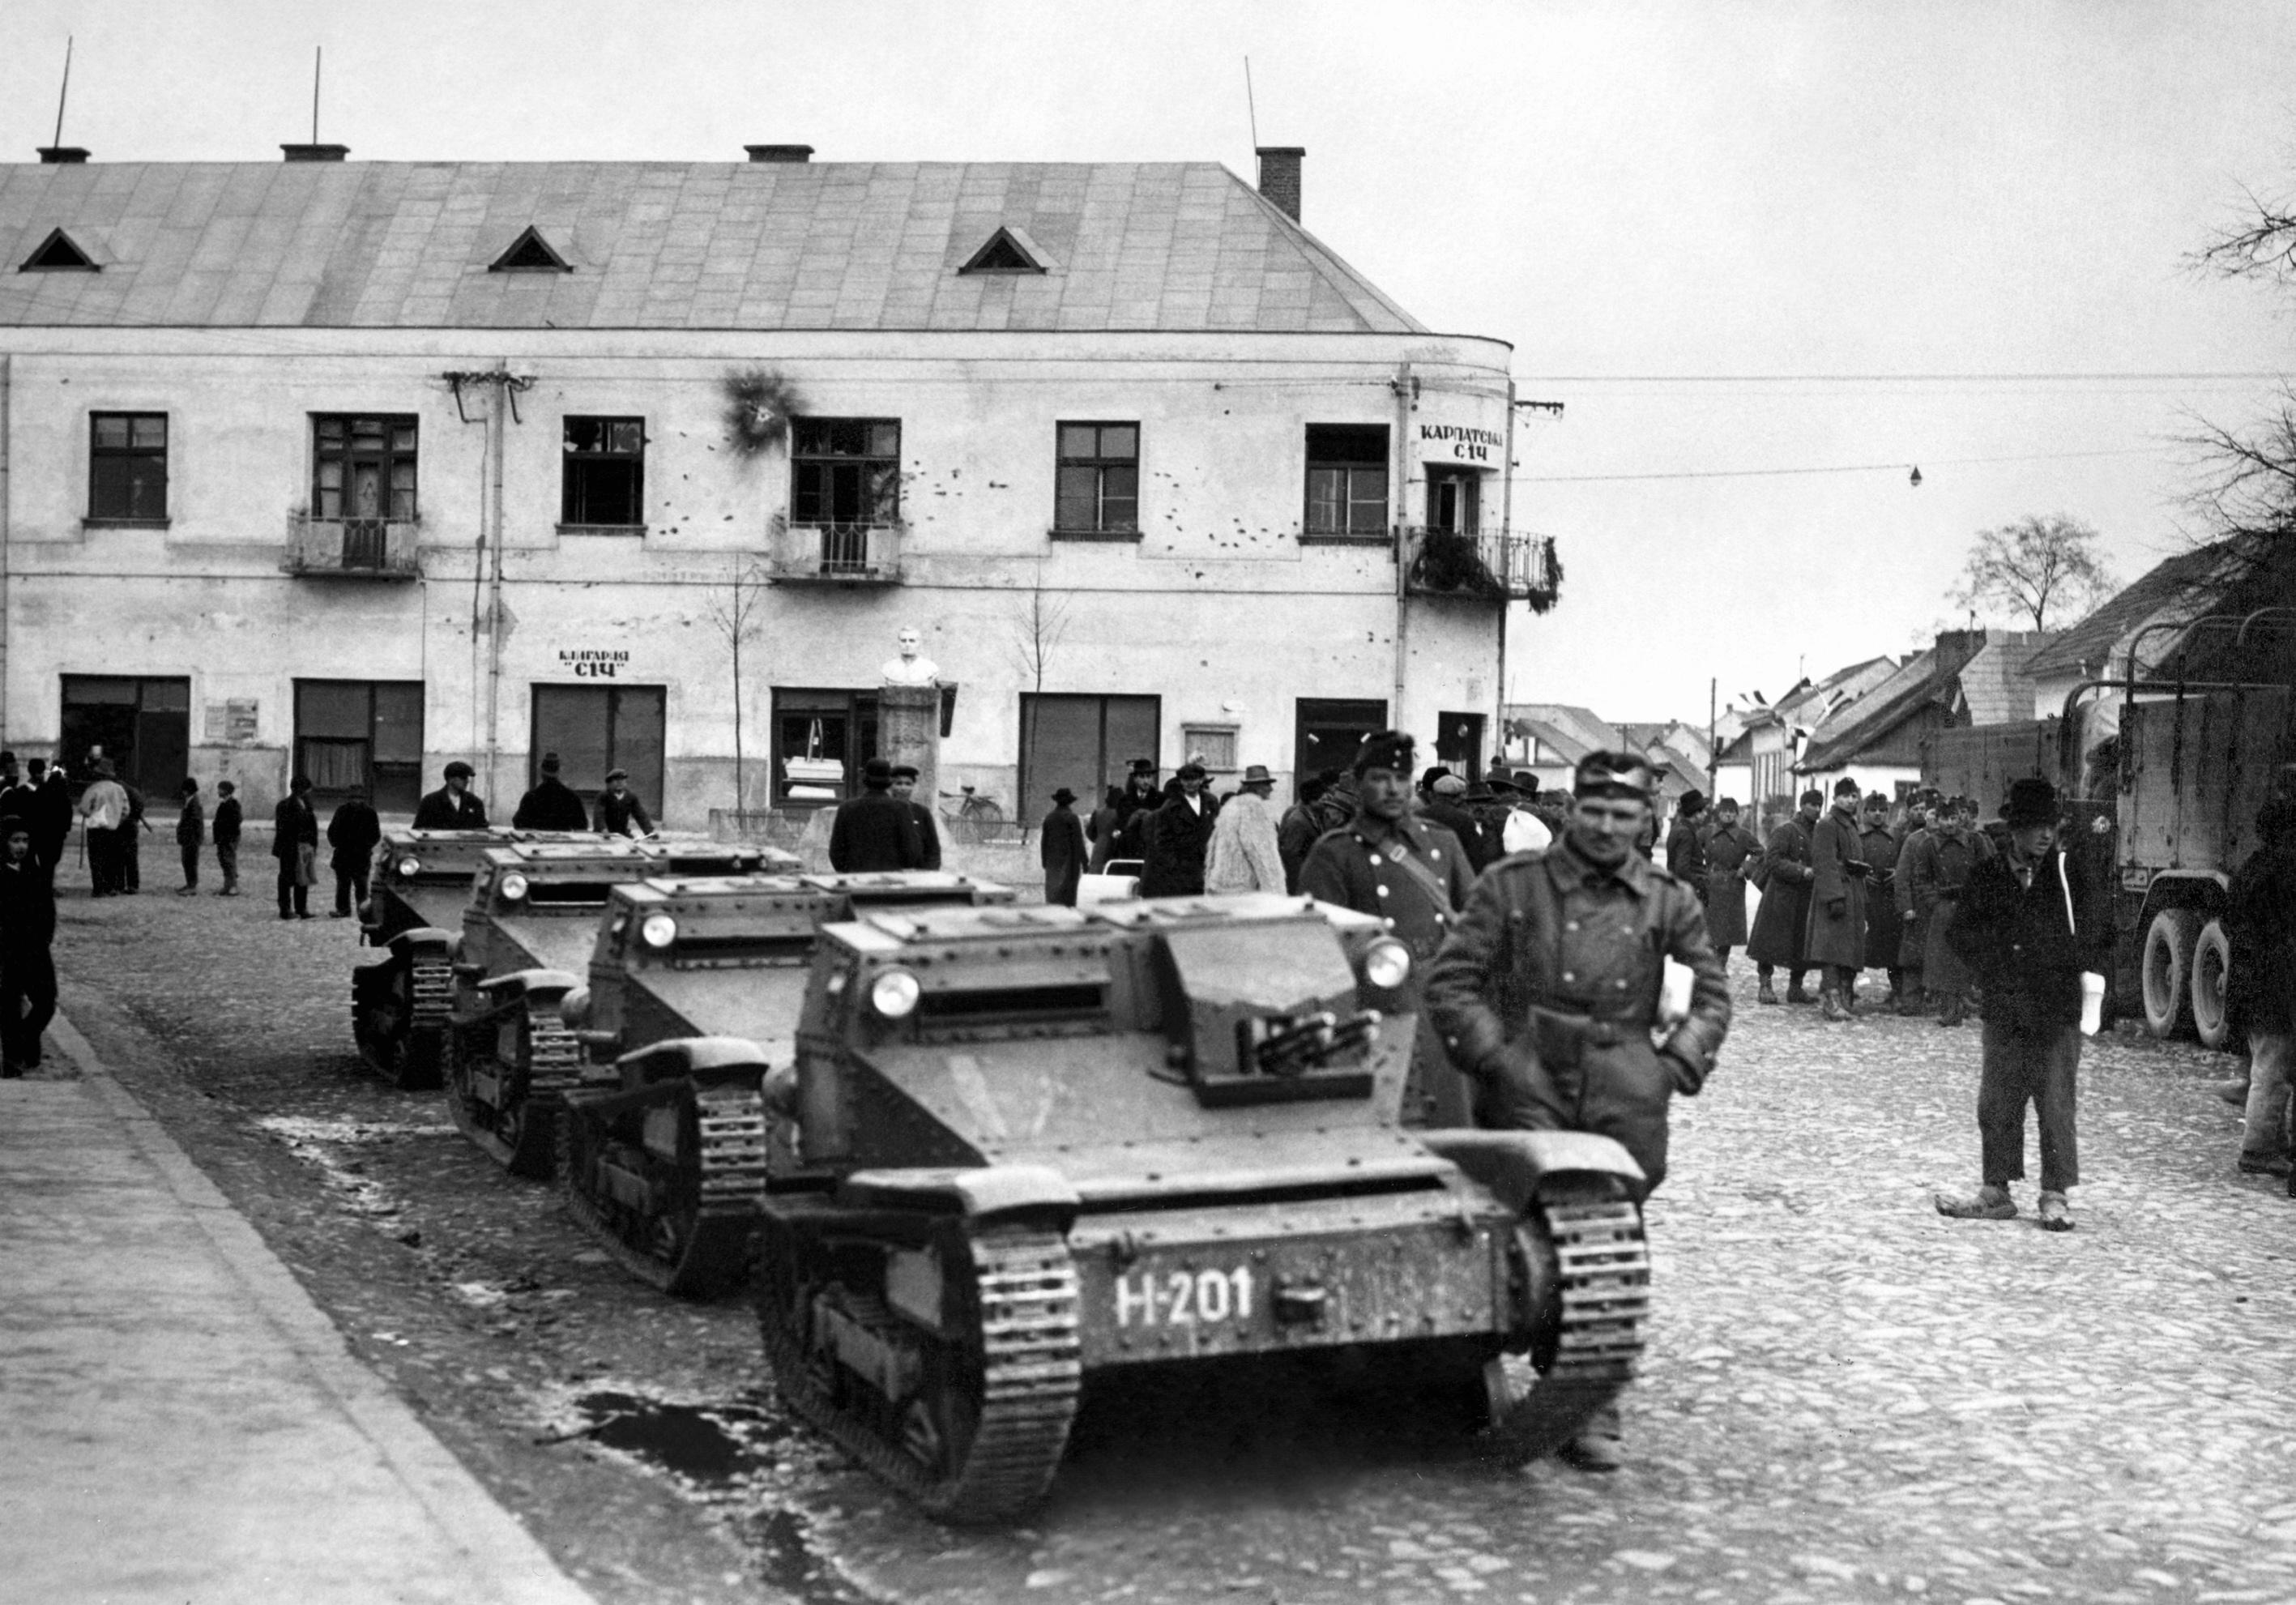 Ansaldo kisharckocsik a Szics-gárdisták székháza elõtt a magyar honvédcsapatok kárpátaljai bevonulásakor. A kép illusztráció / Fotó: MTI